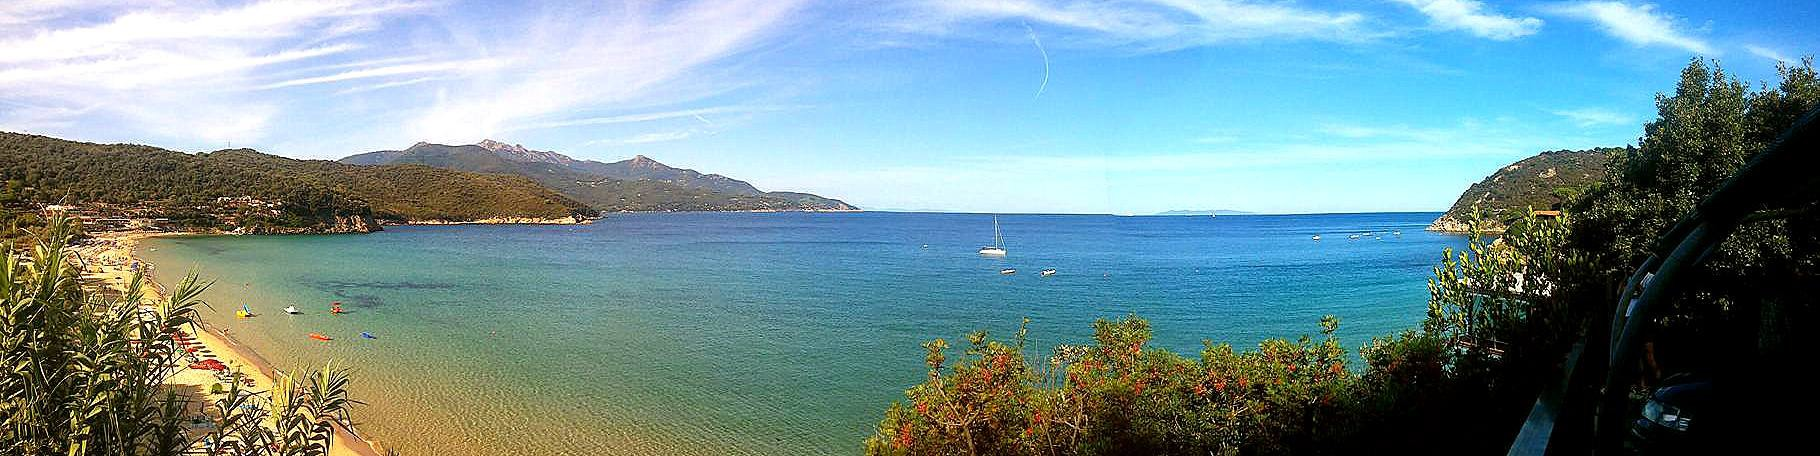 Záliv Biodola, pláž La Biodola